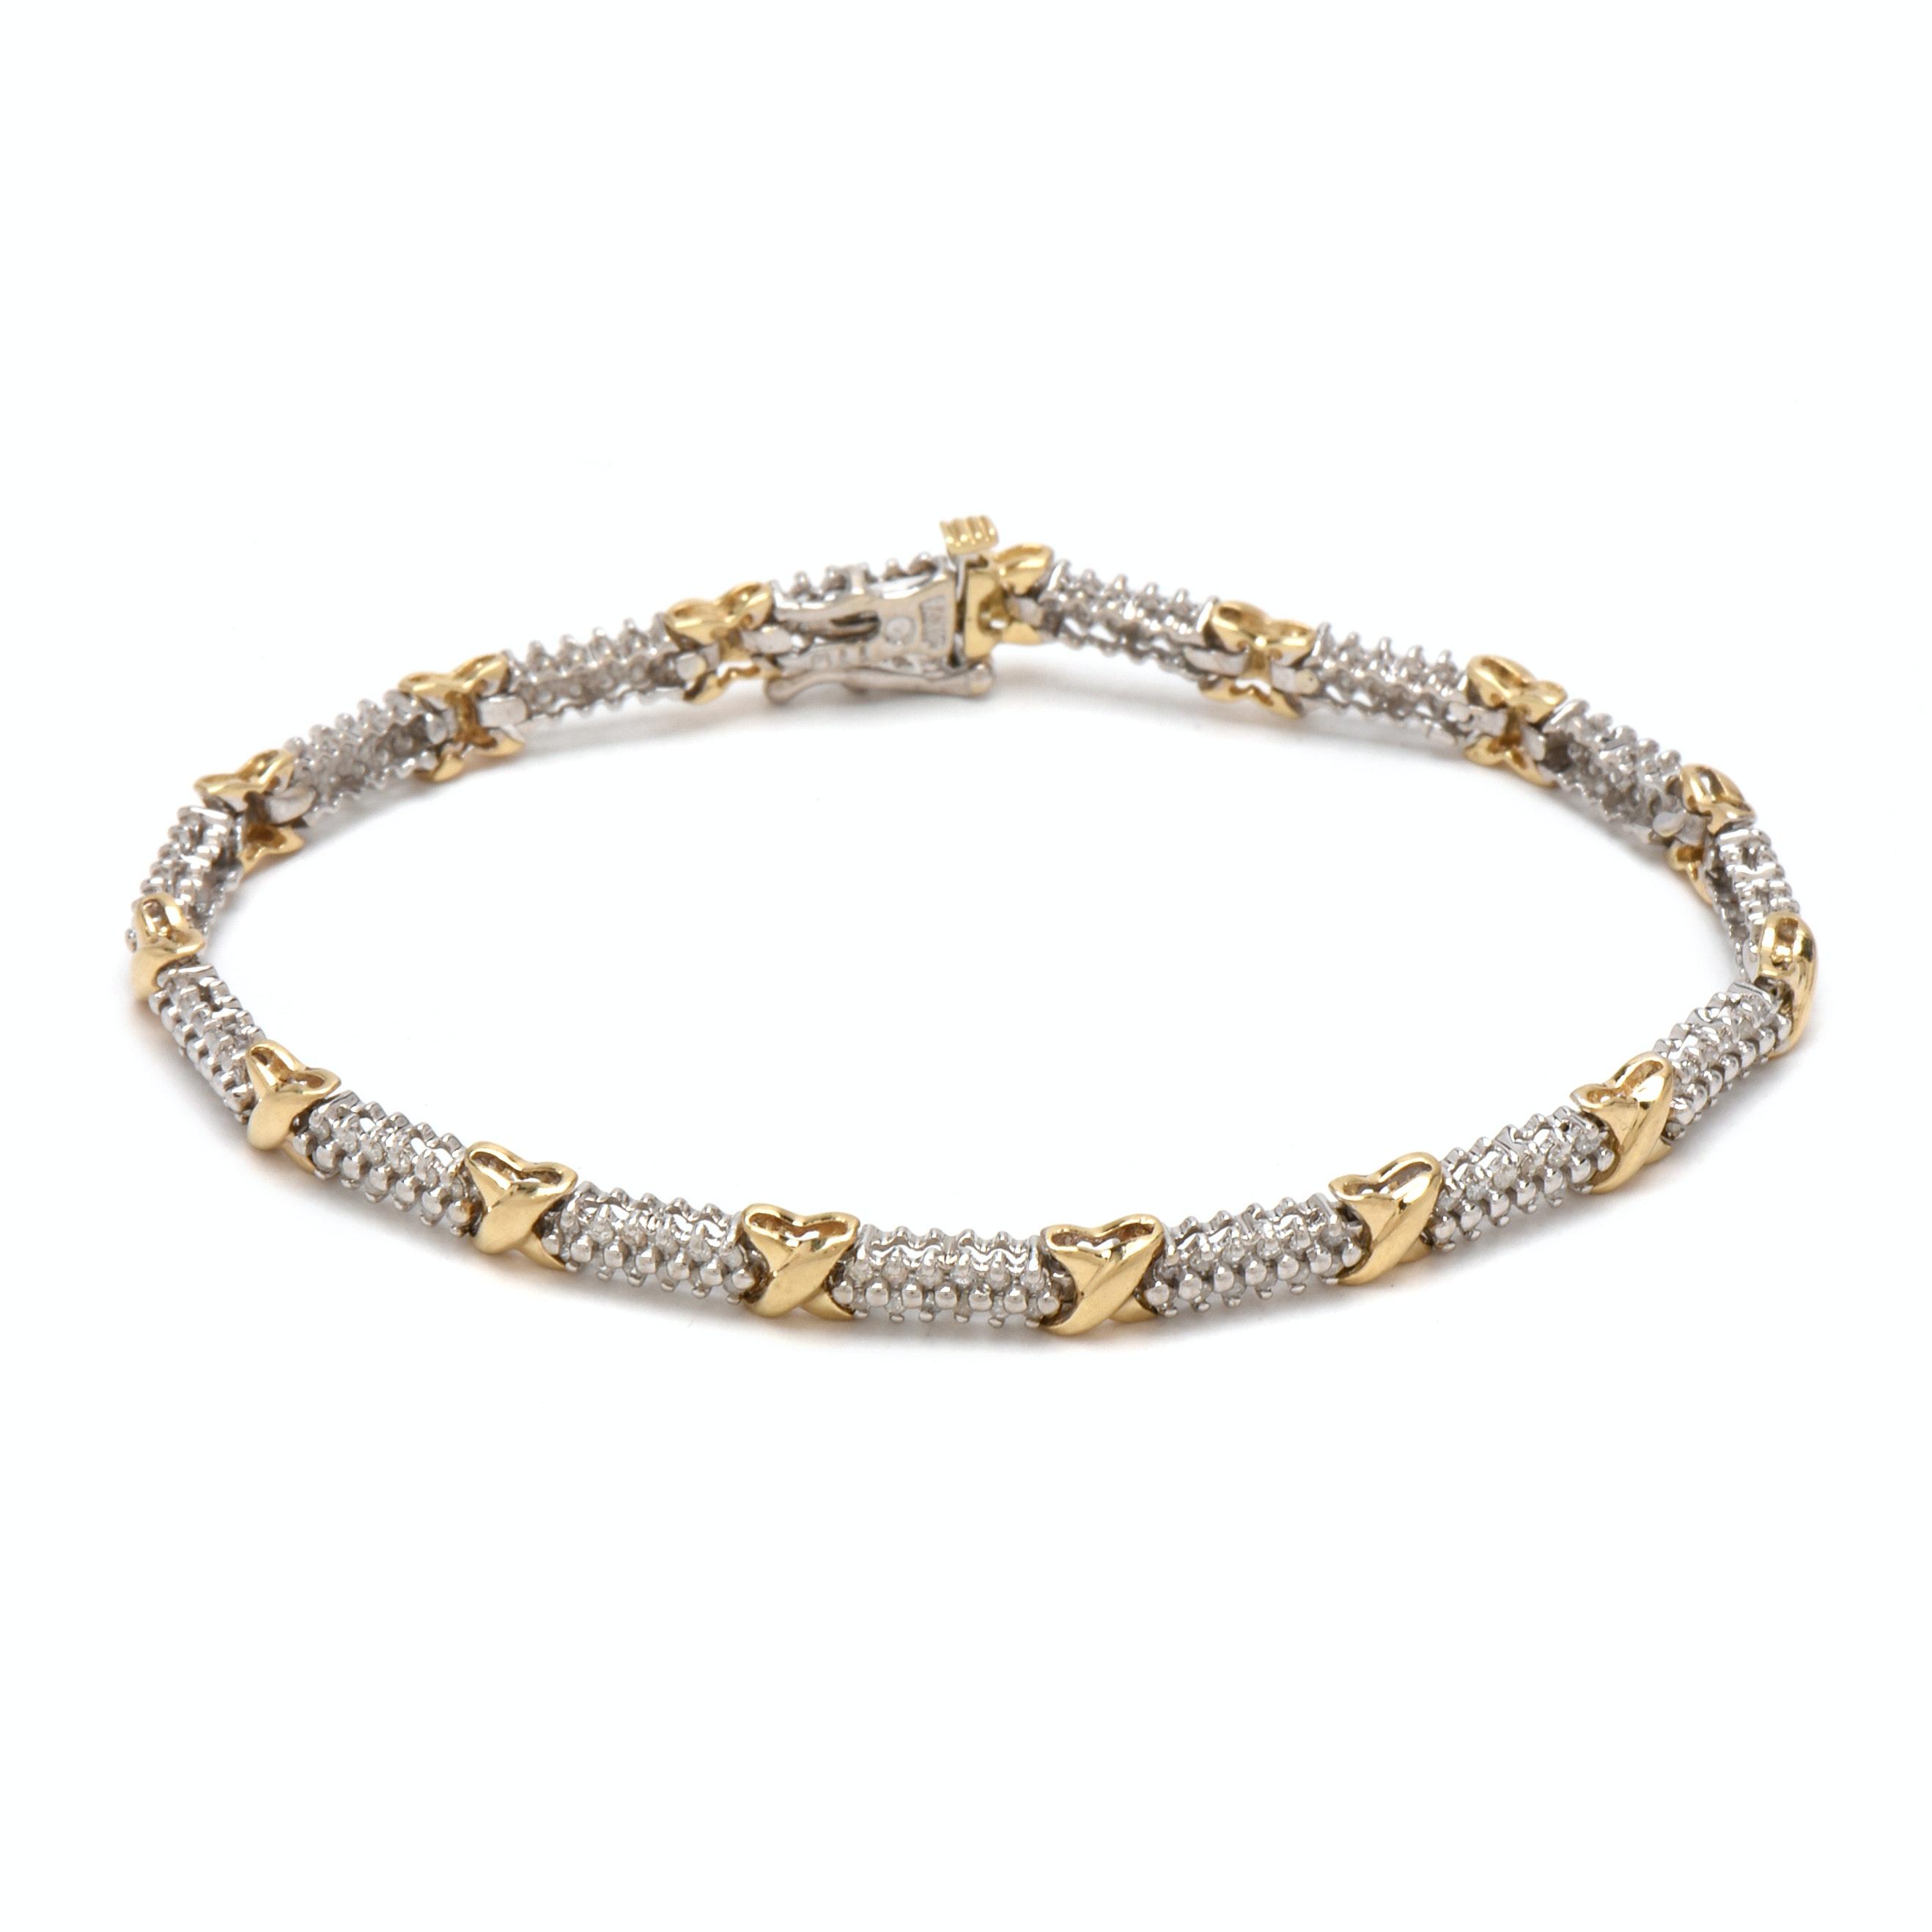 10K White Gold 1.26 CTW Diamond Linked Bracelet